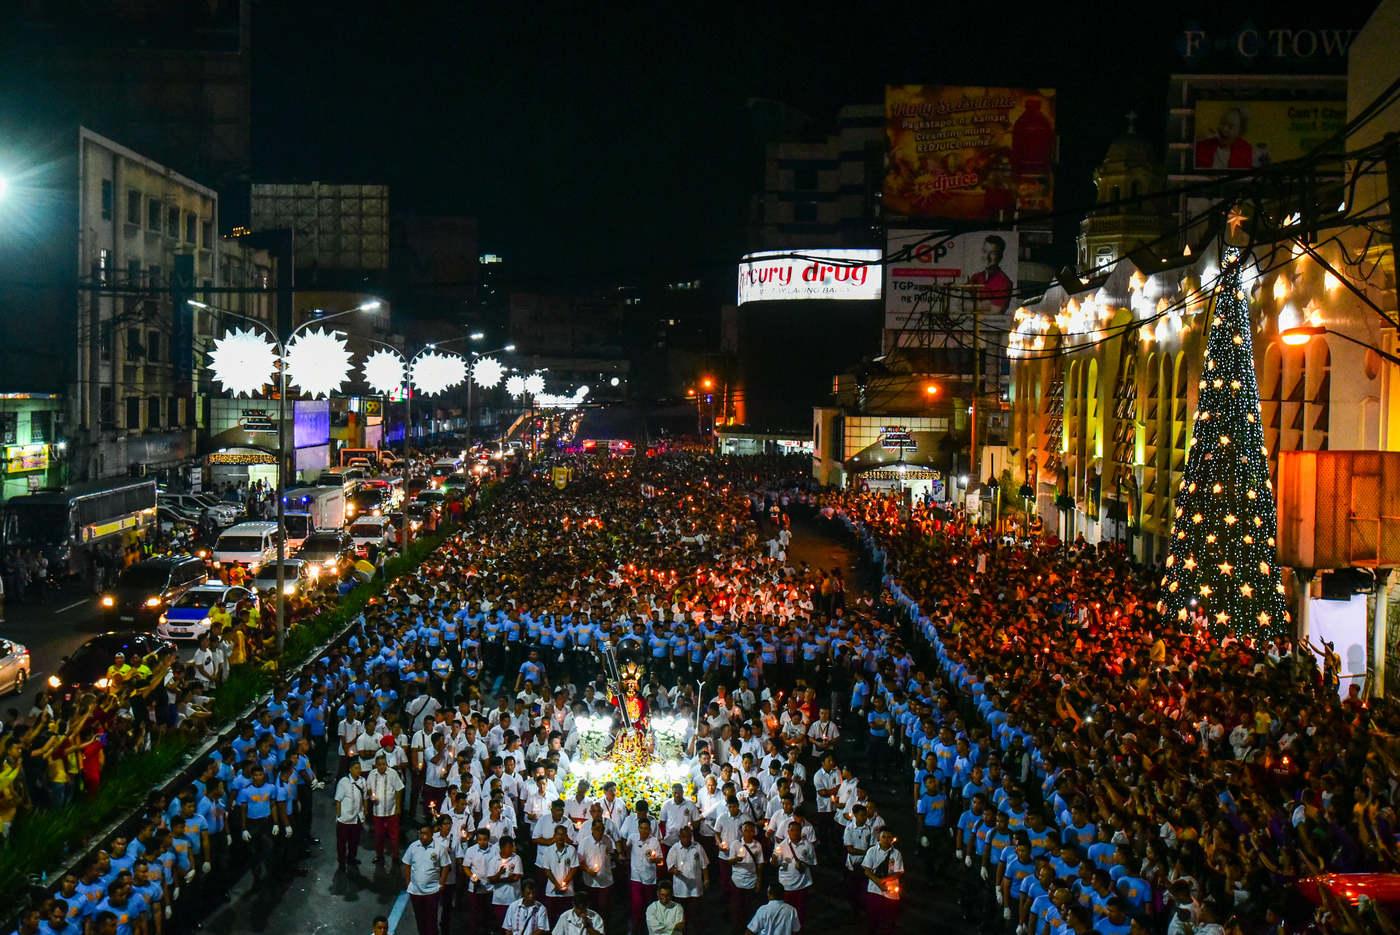 Manilában egy hálaadó szertartással kezdődött az ünneplés